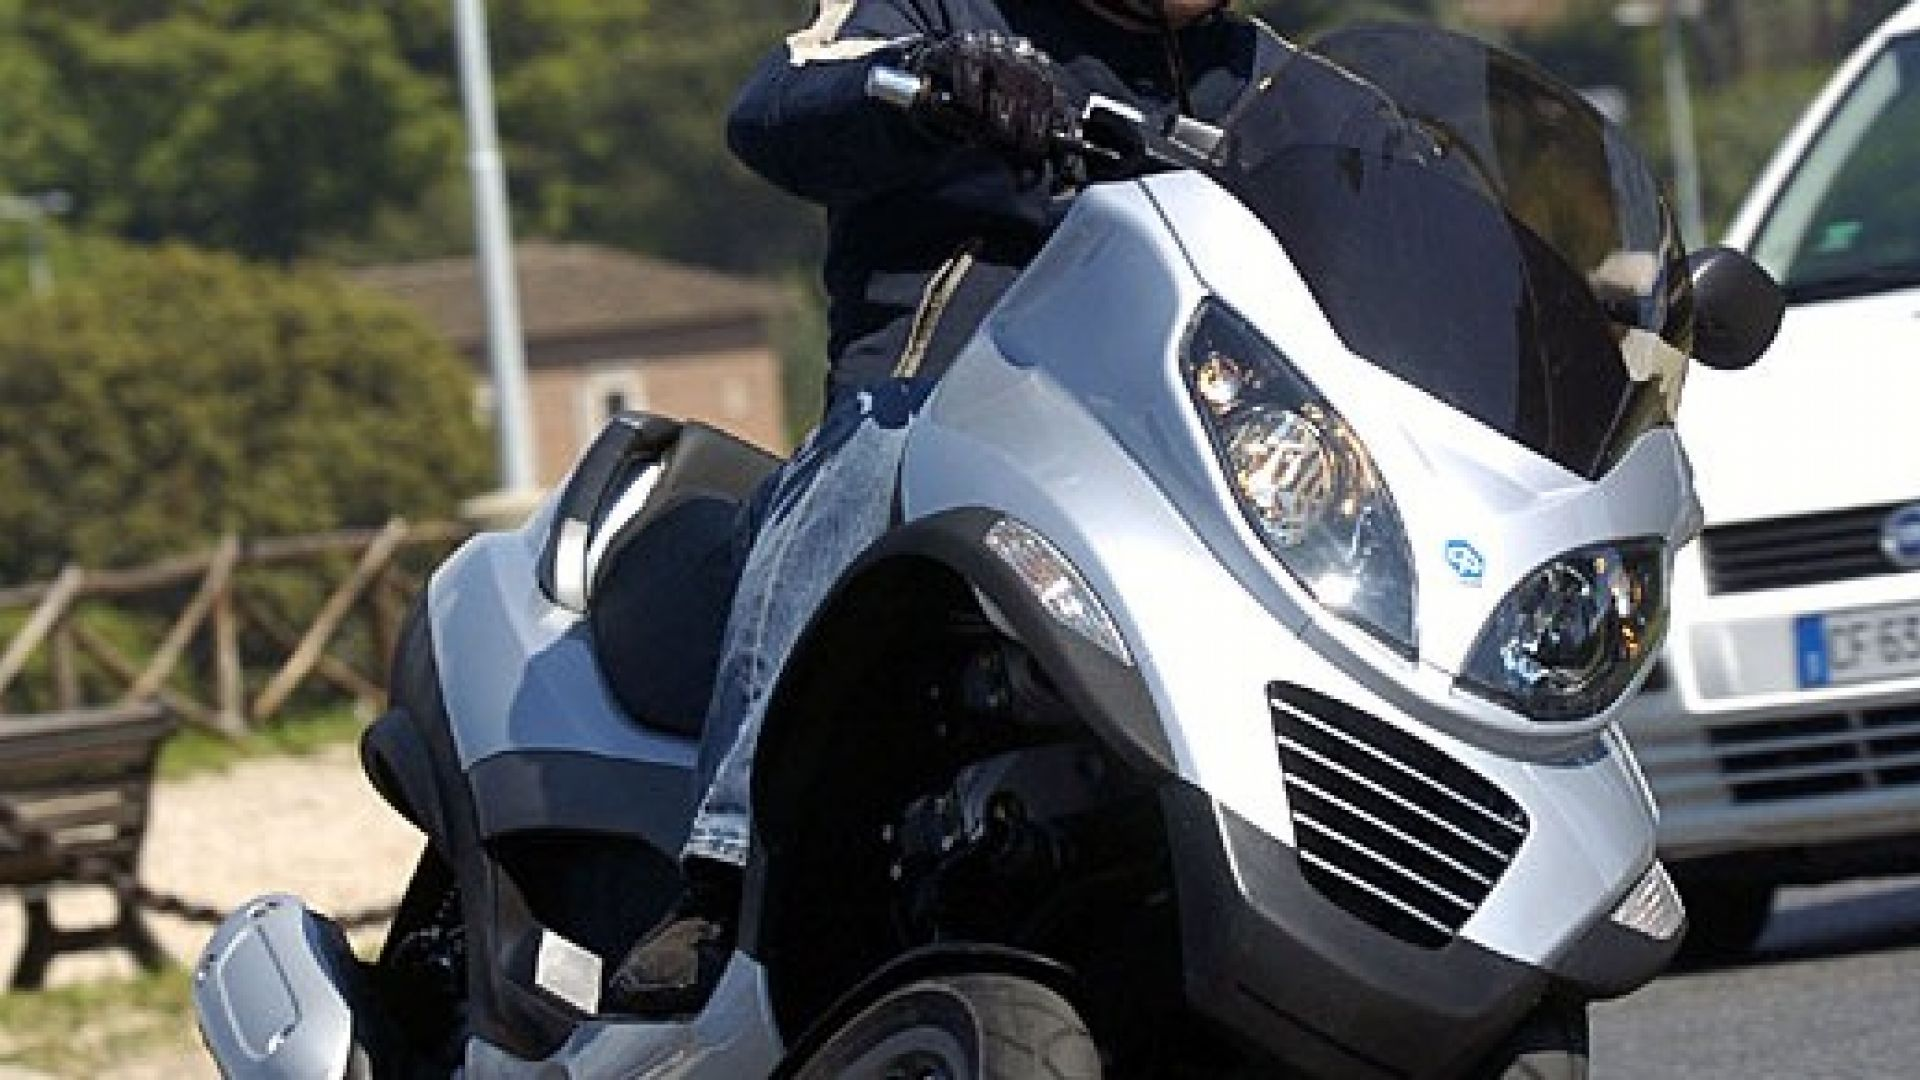 Immagine 29: Piaggio MP3, lo scooter con tre ruote